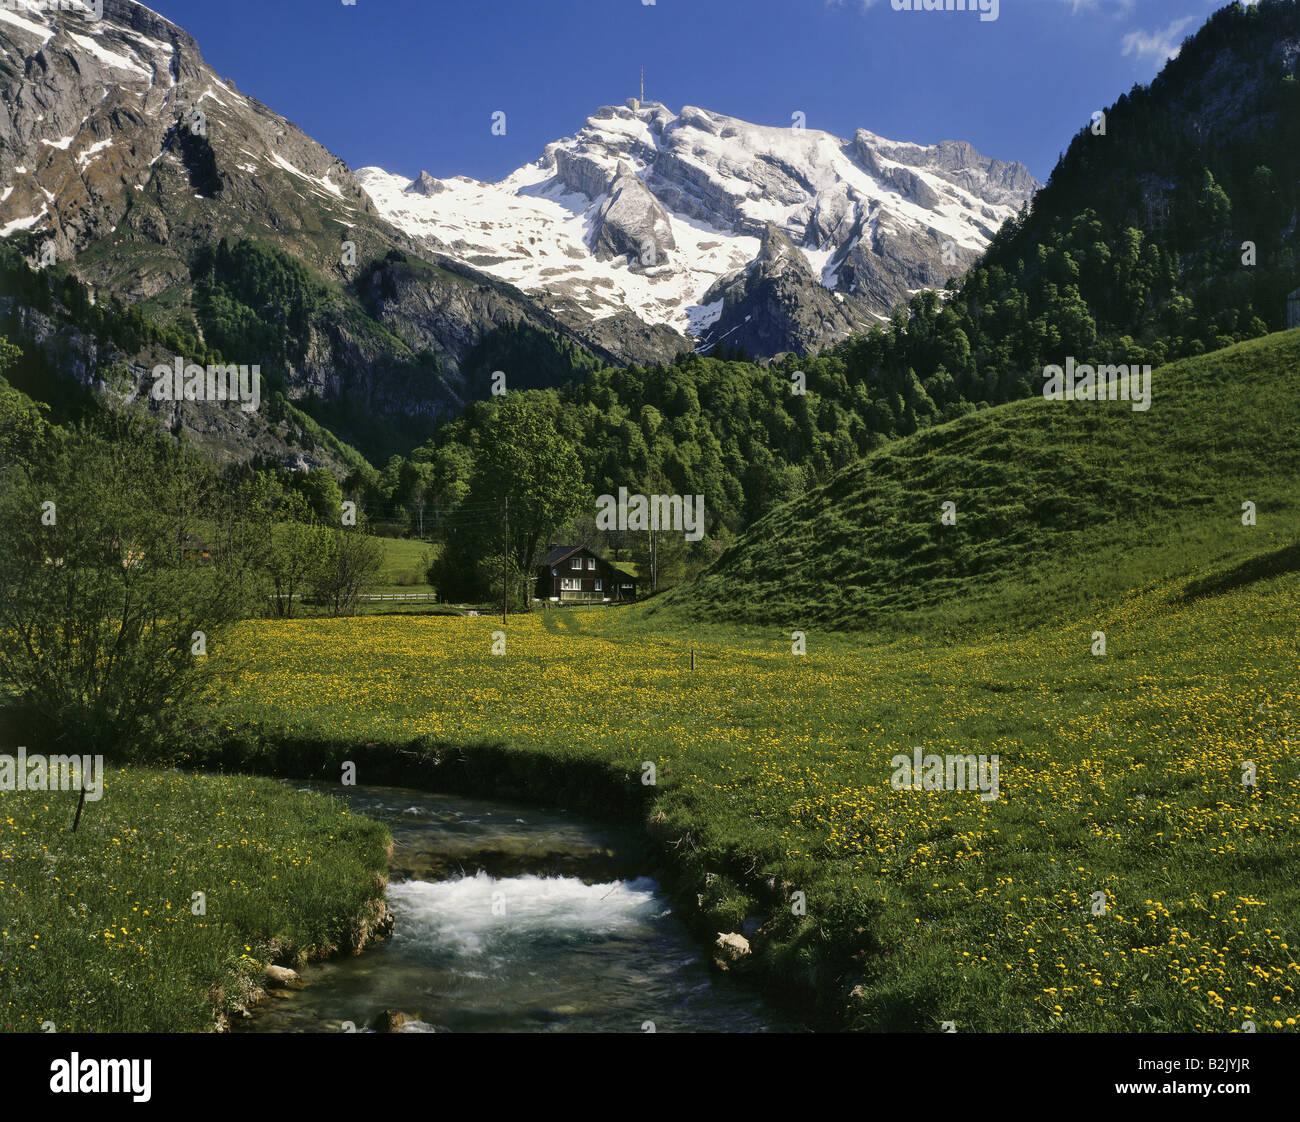 Geographie/Reisen, Schweiz, St. Gallen, Landschaften, Appenzeller Alpen, Säntis, Thur, Toggenburg, Additional Stockbild